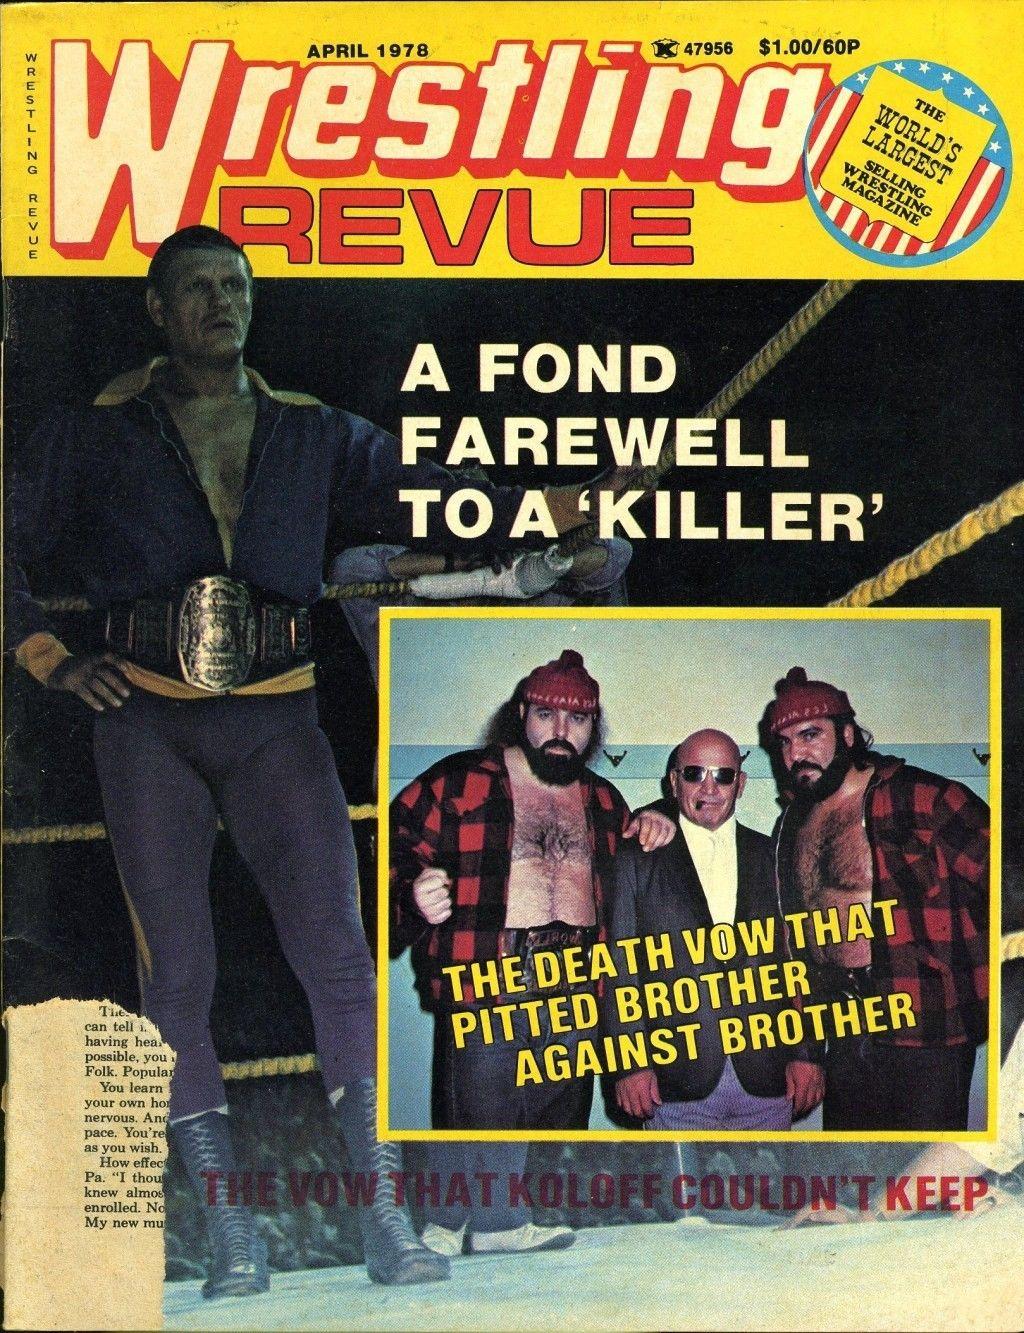 Wrestling Revue - April 1978